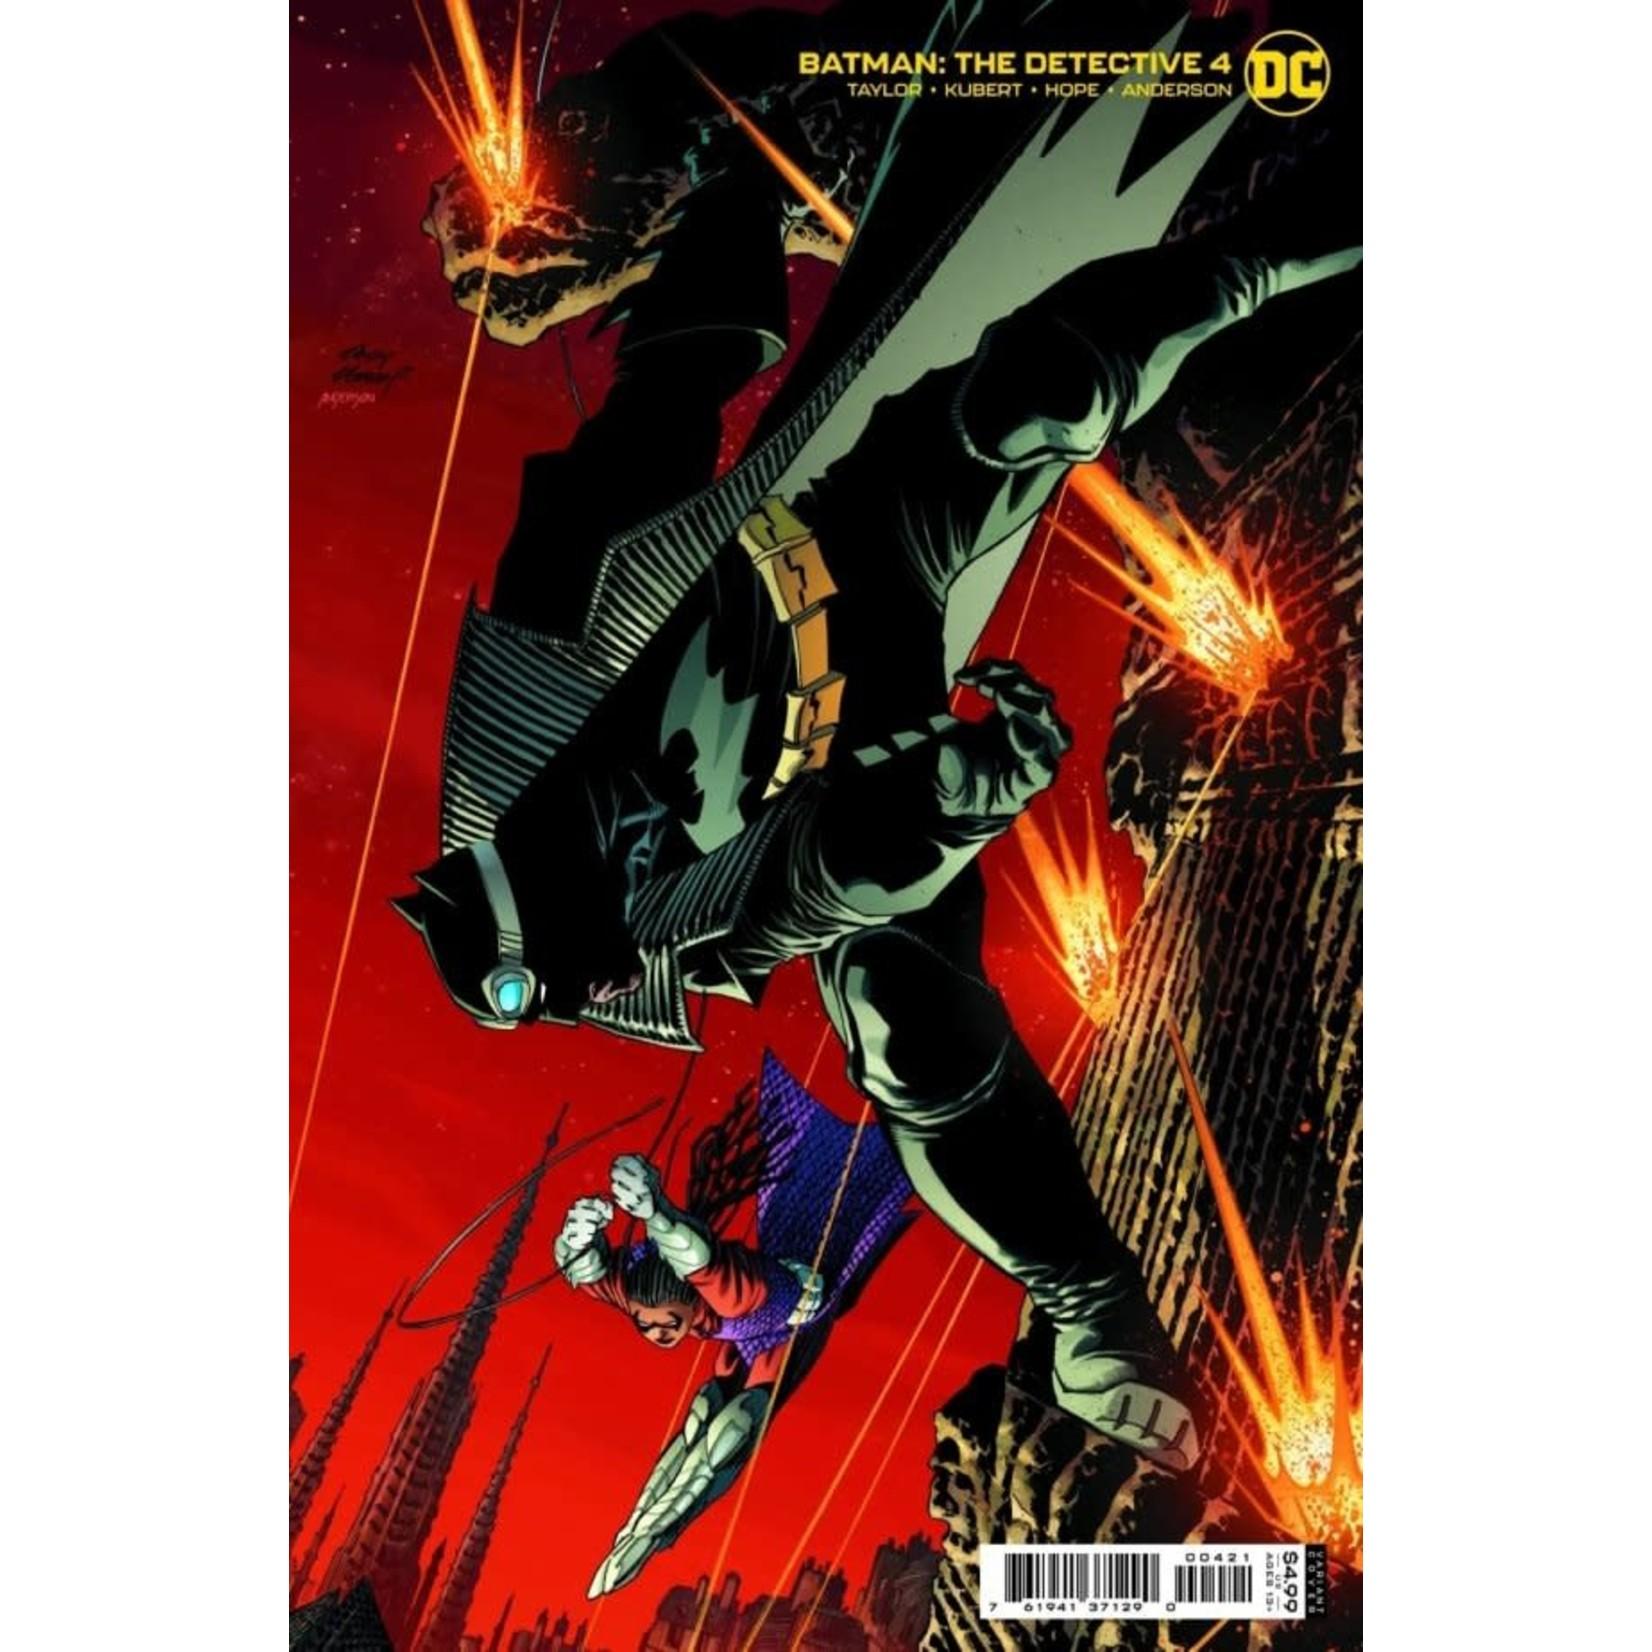 DC Comics Batman : The detective #4 of 6 Variant Cover